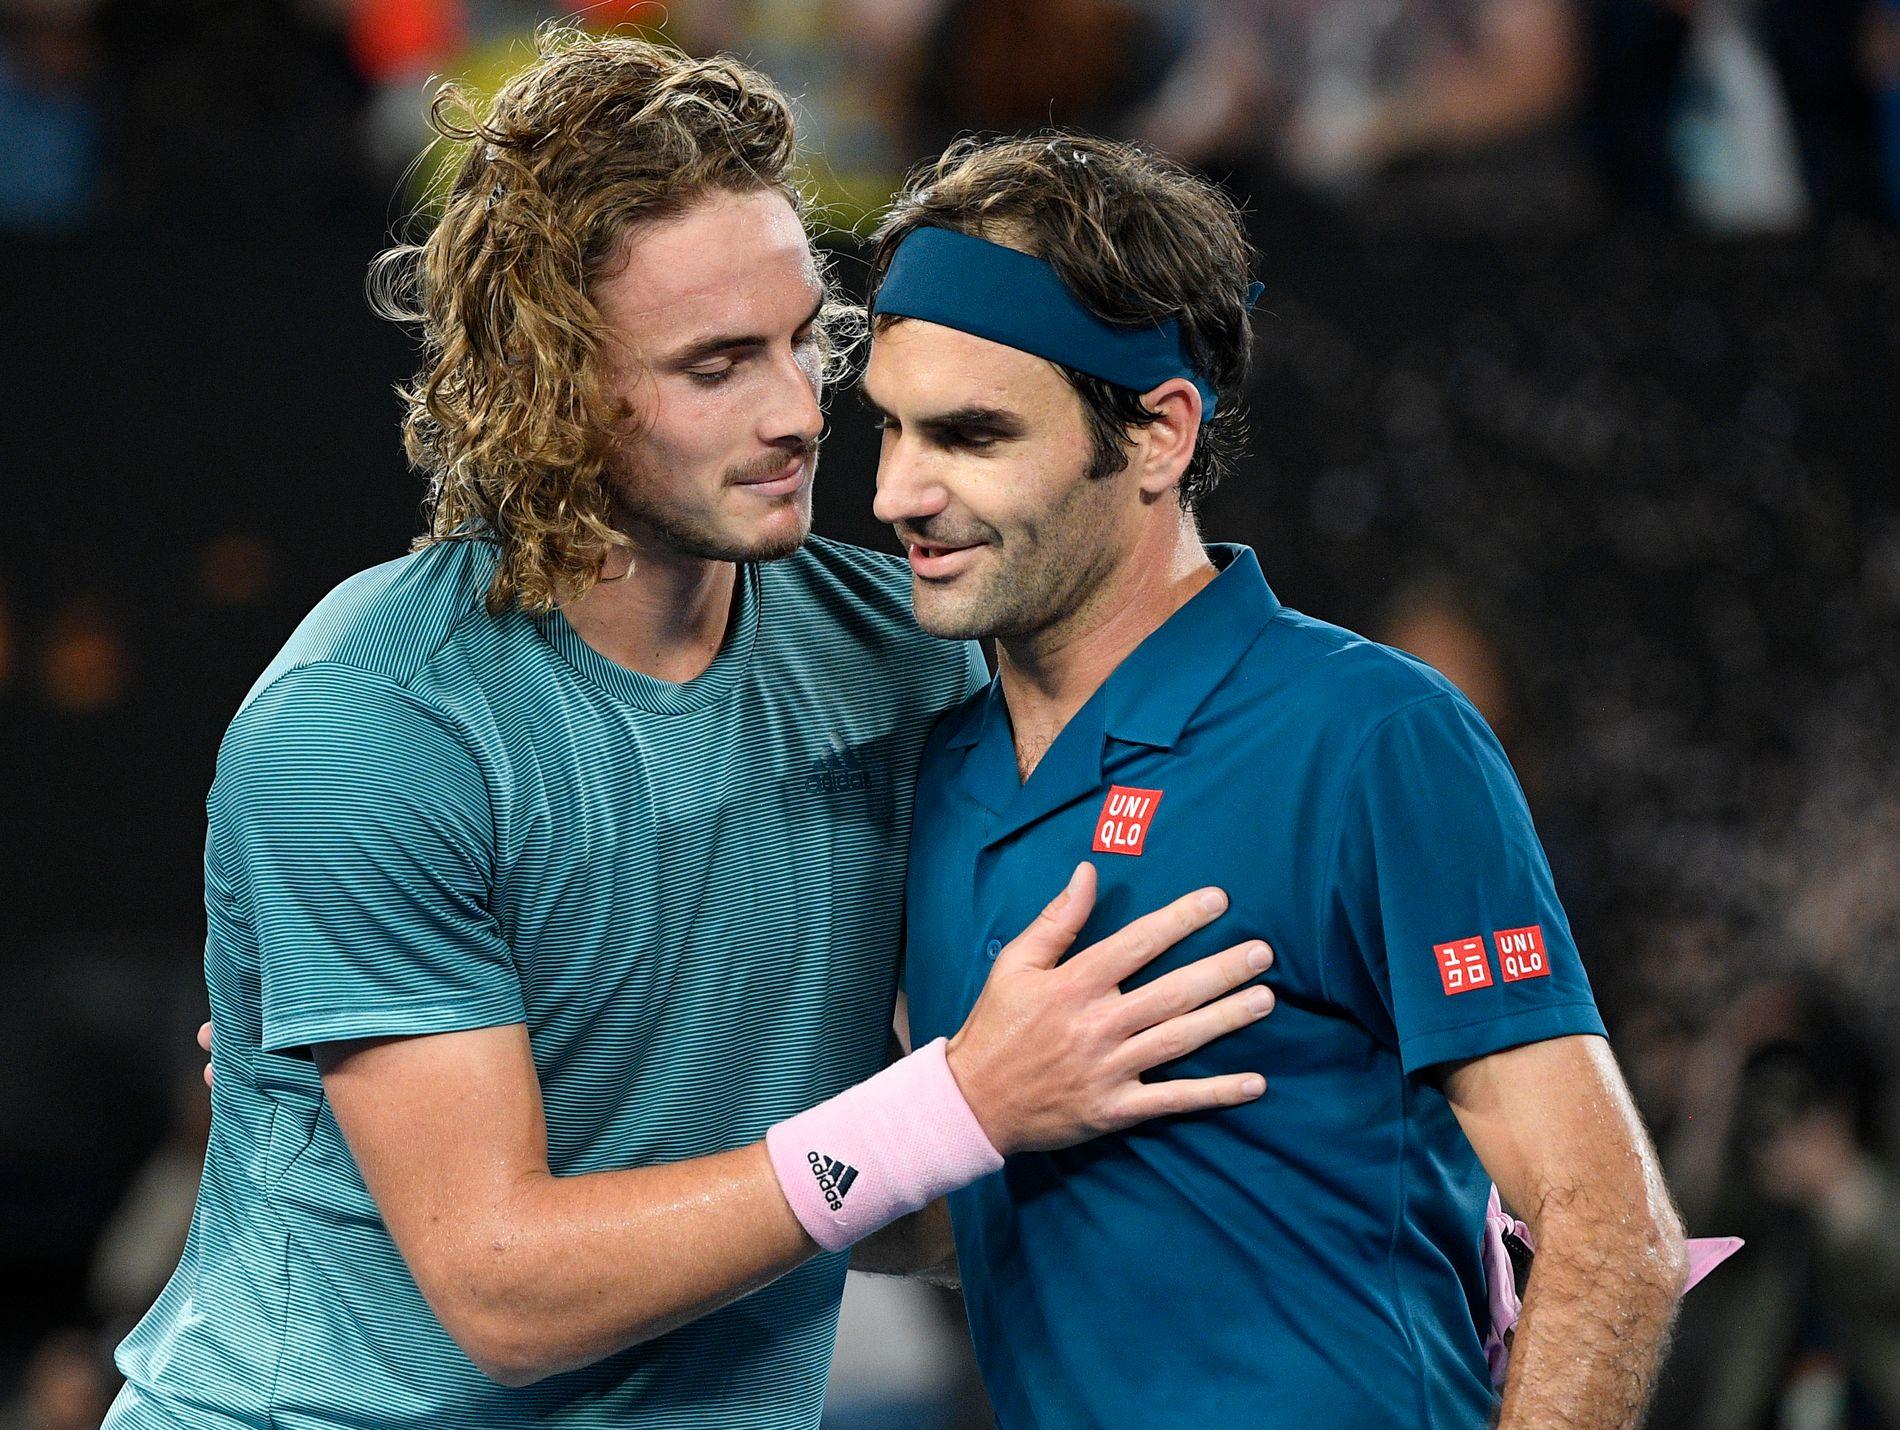 SLO IDOLET: Stefanos Tsitsipas har tidligere sagt at han så Youtube-videoer av Roger Federer som barn. Nå har han slått sitt store idol.